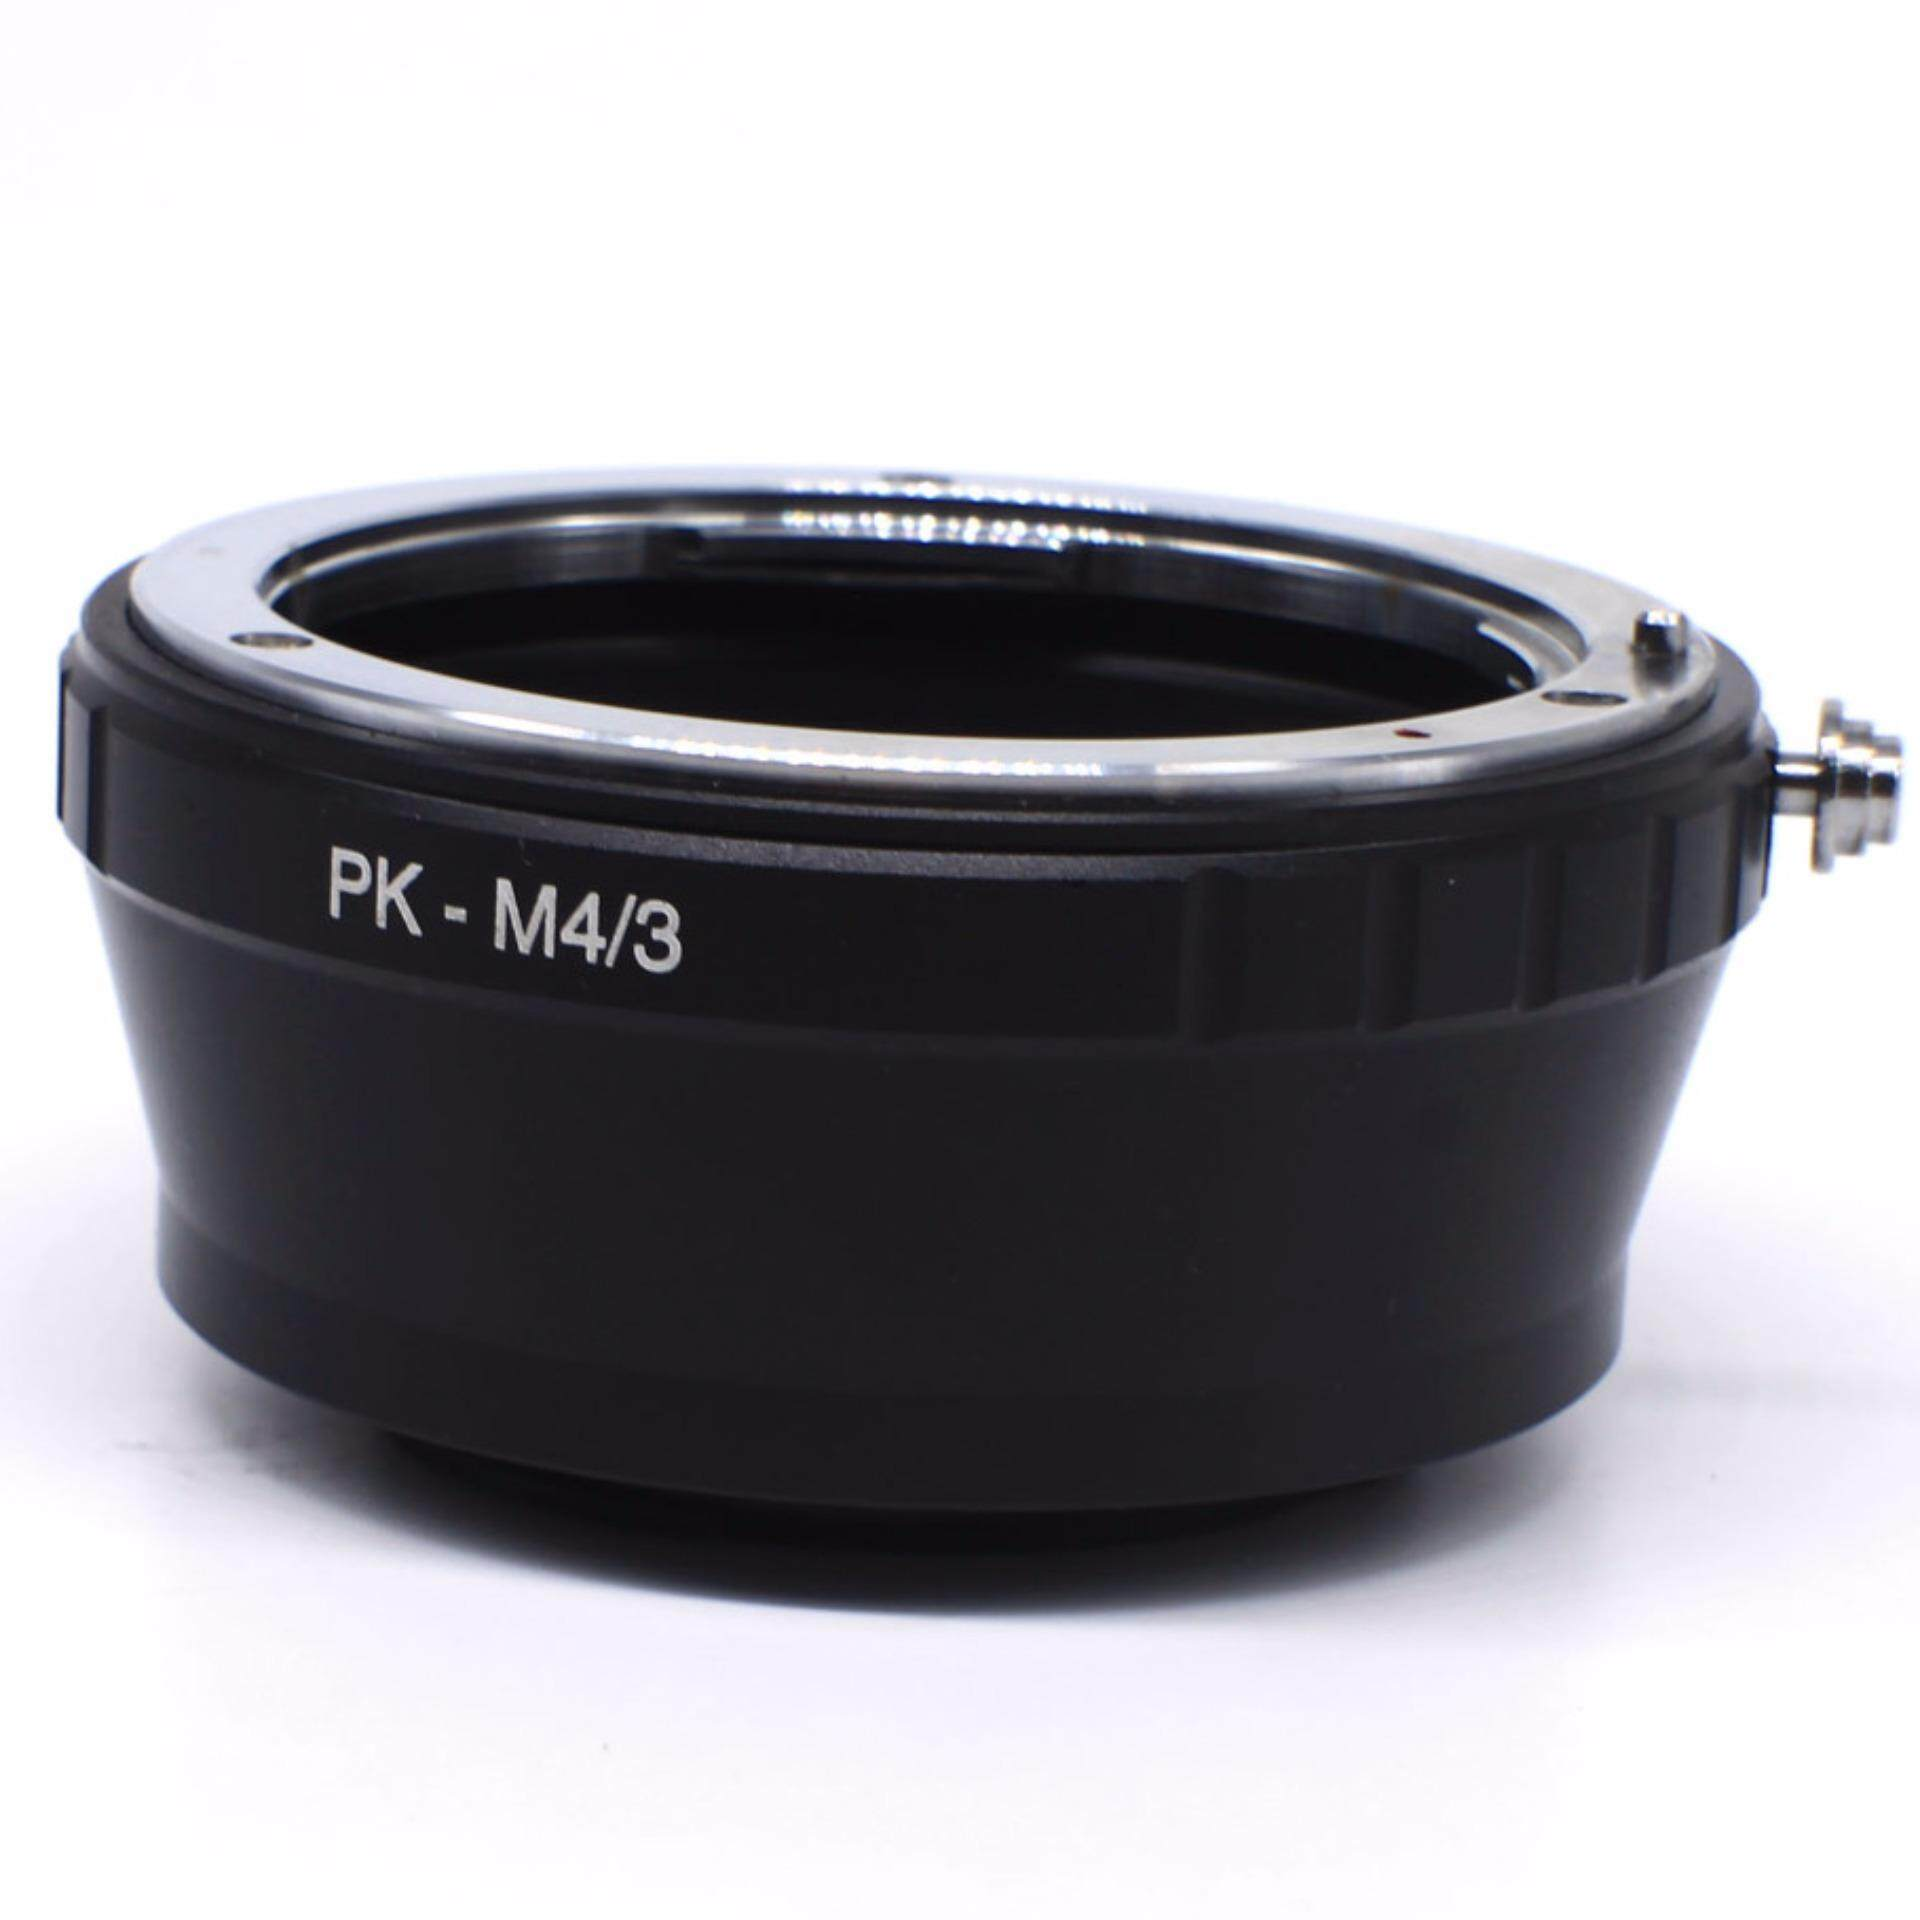 Lensa Dudukan Adaptor Lingkaran Paduan Bahan Aluminium untuk PK-M4/3 Lensa Adaptor Dudukan Lingkaran Kamera Adaptor untuk E-P1L EP-2 untuk G1 GH1 GF1 G2 G10-Internasional